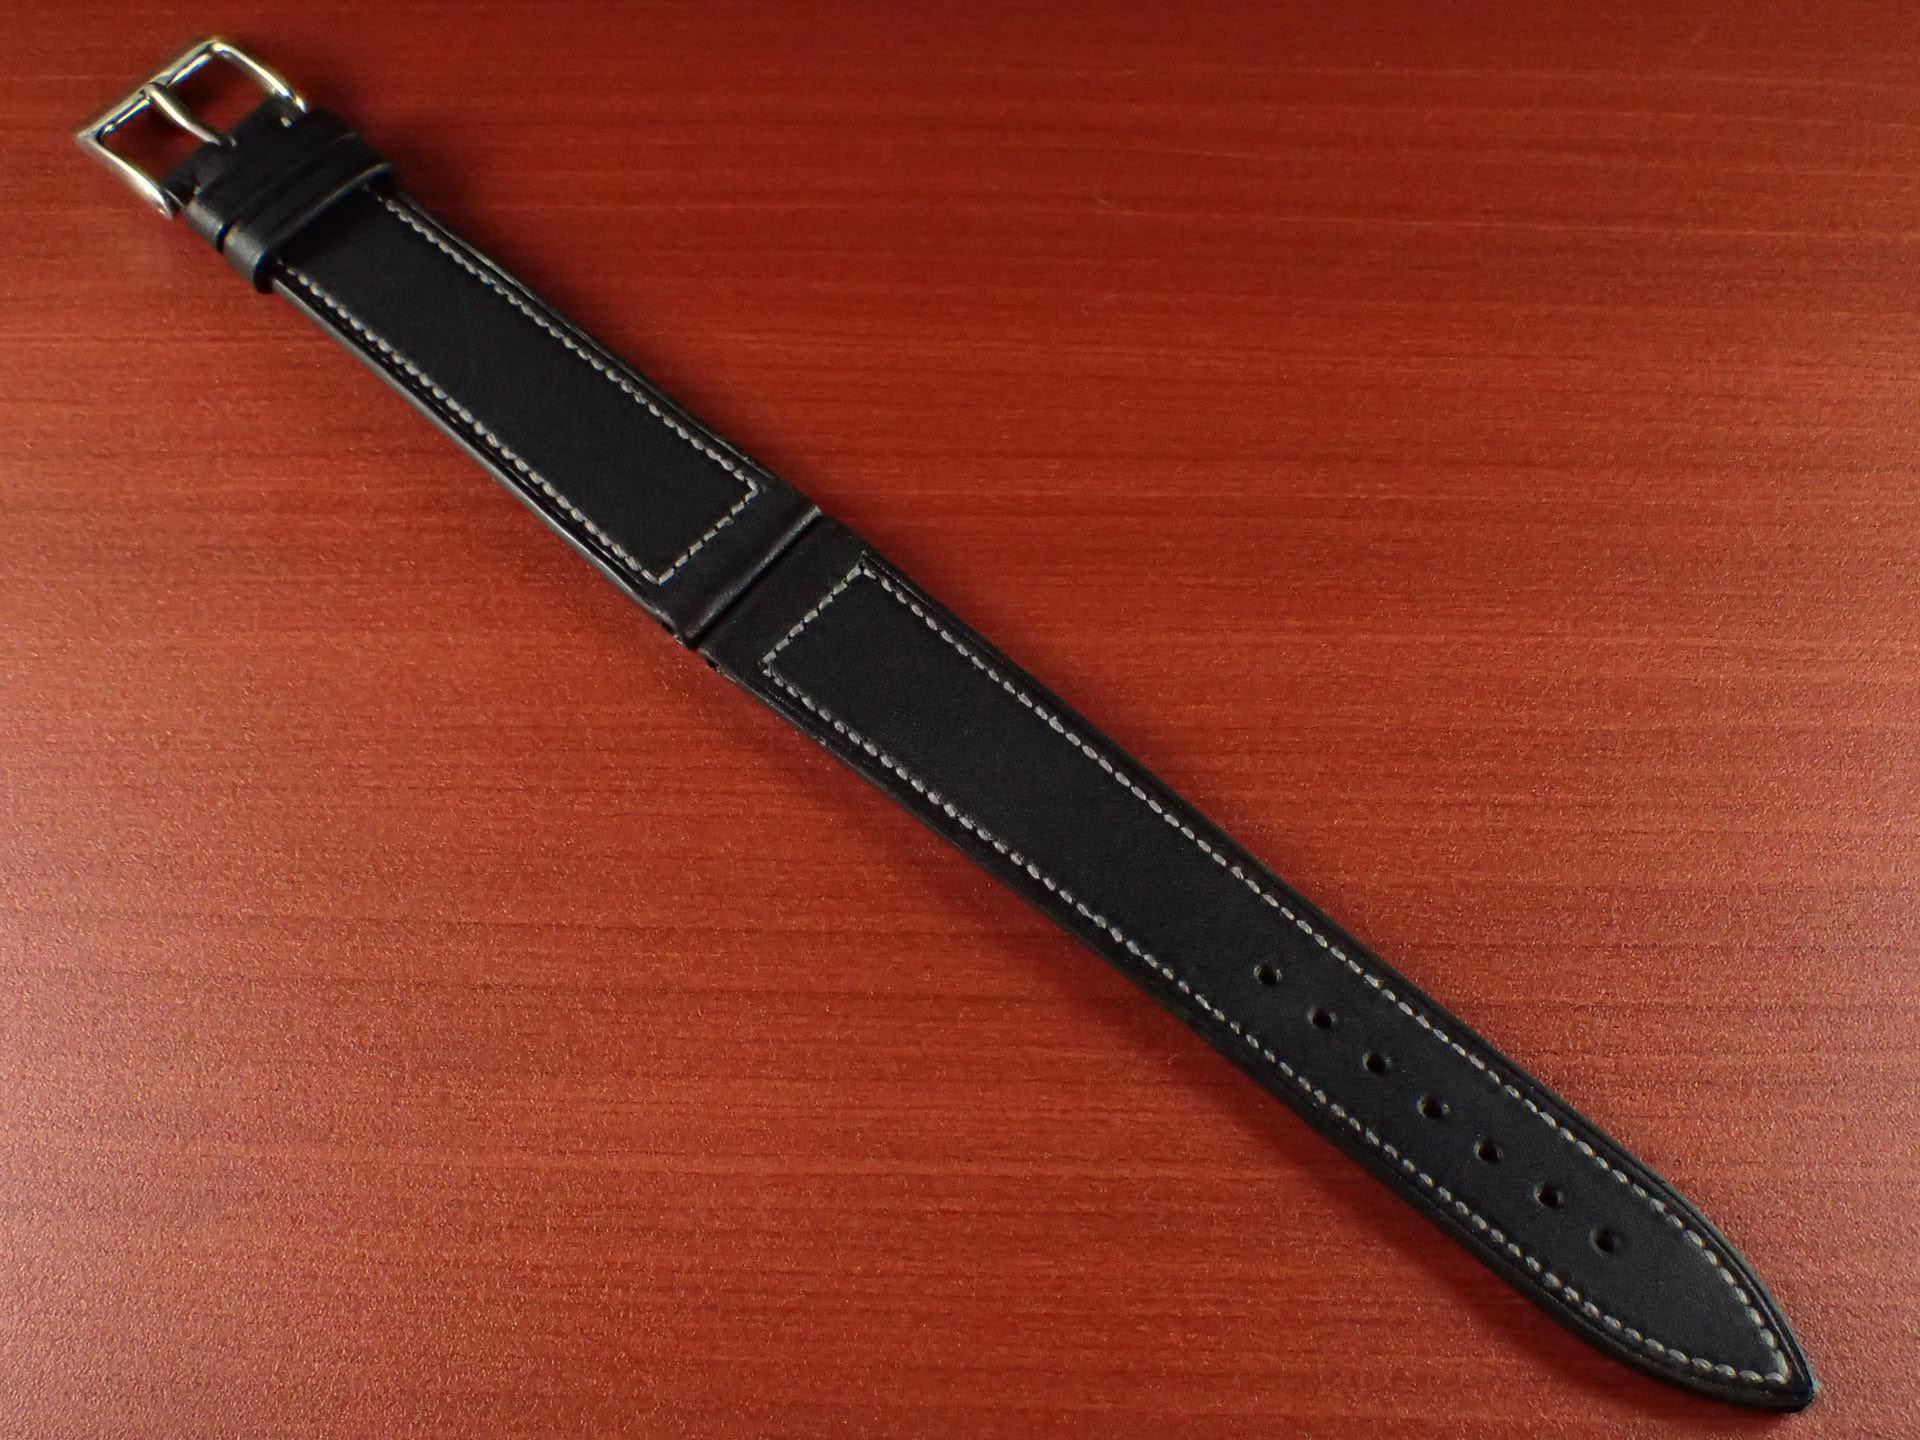 ジャン・クロード ペラン革ベルト カーフ ブラック 16、17、18、19、20mmのメイン写真